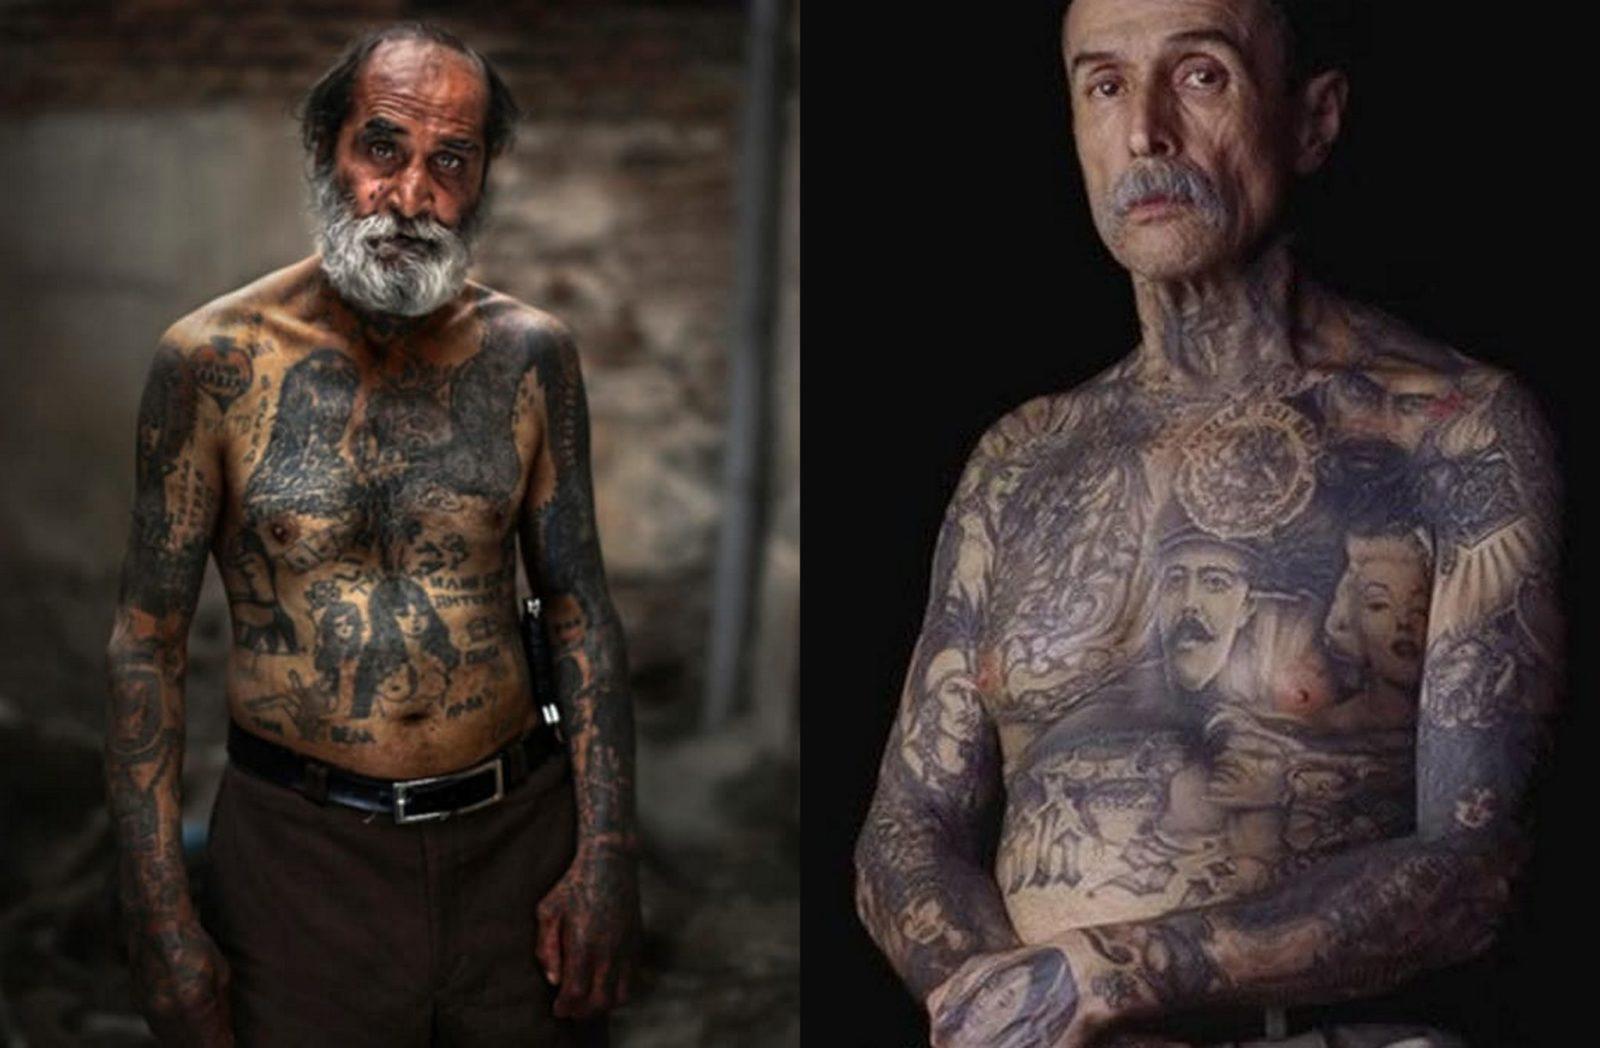 Starszy mężczyzna z siwą brodą cały w tatuażach i Starszy mężczyzna z wytatuowaną klatką piersiową i szyją